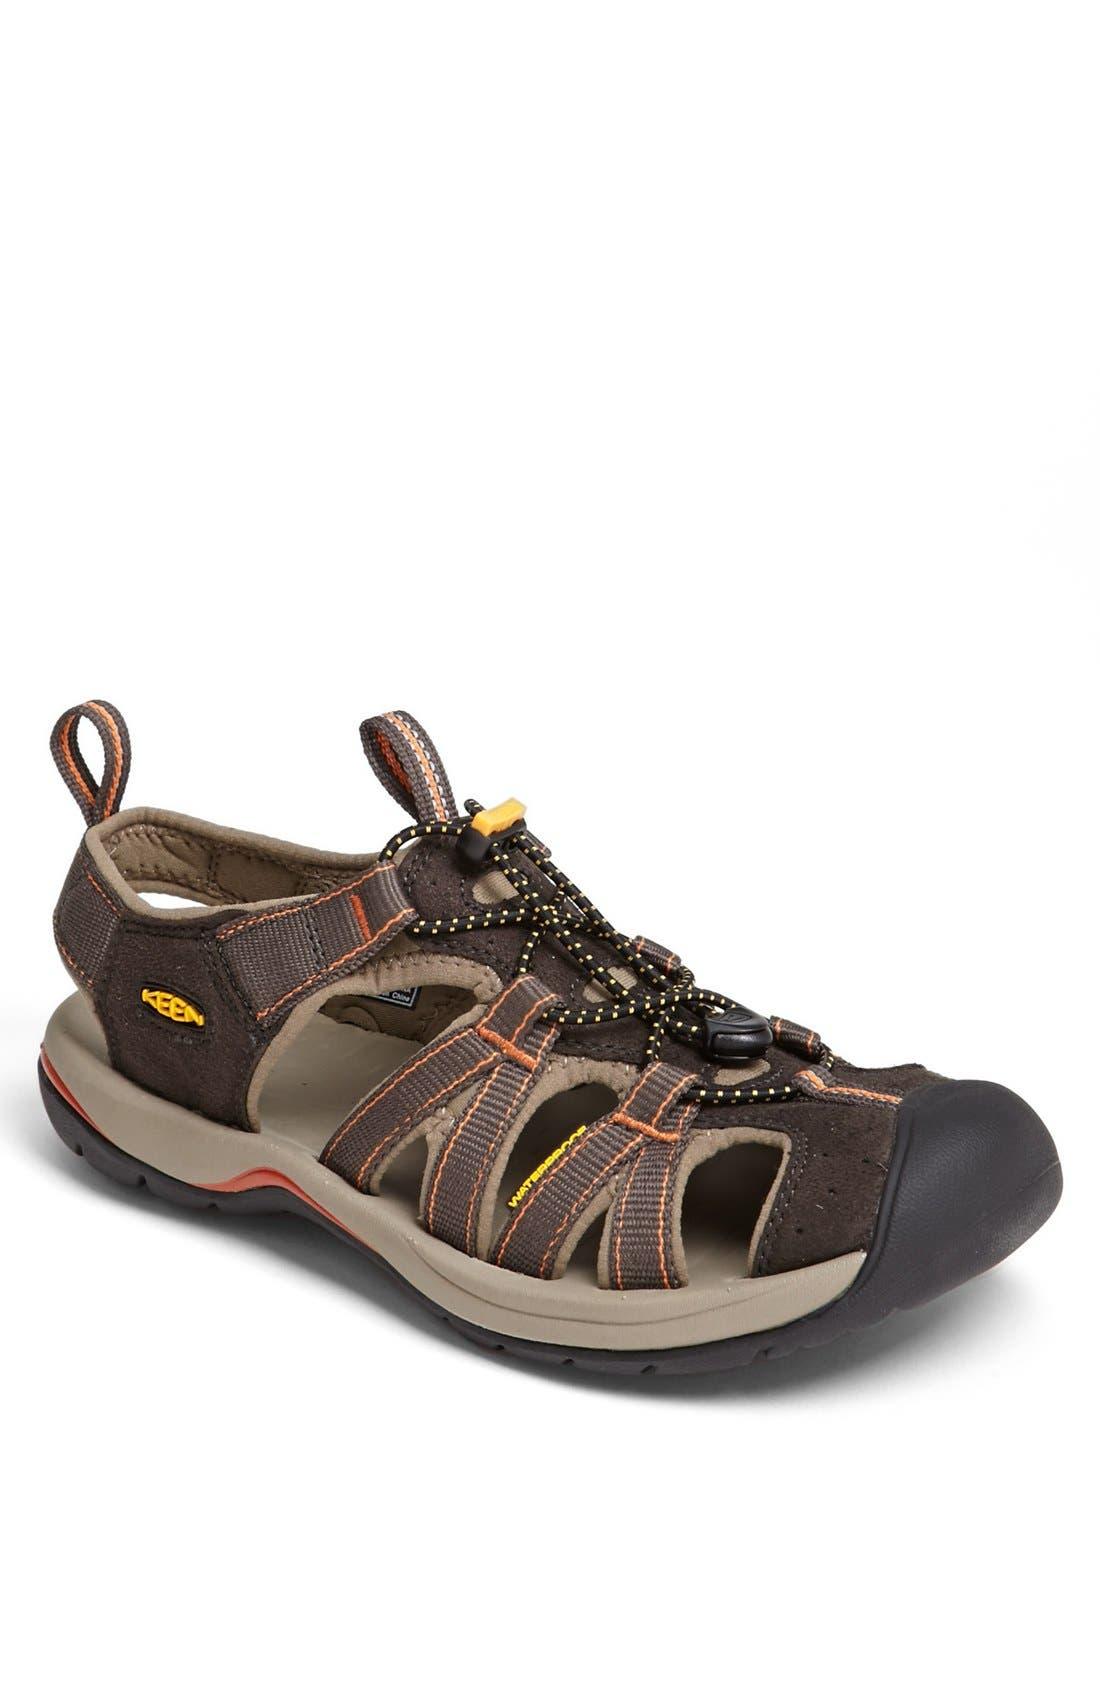 Main Image - Keen 'Kanyon' Waterproof Sandal (Men)